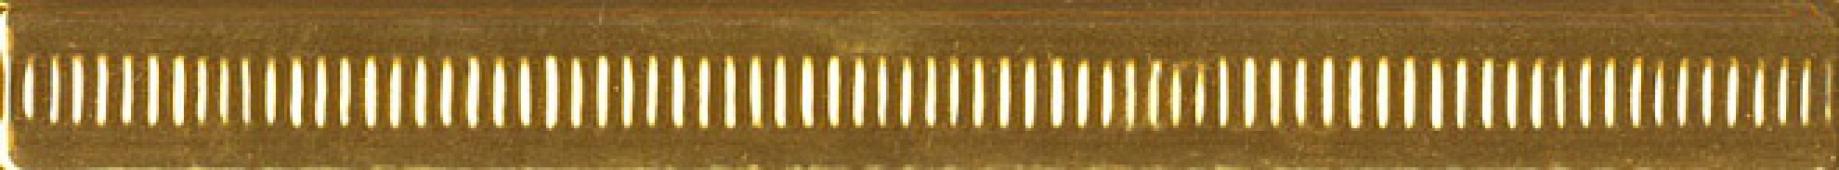 PLA002 золото 20*2 керамический бордюр